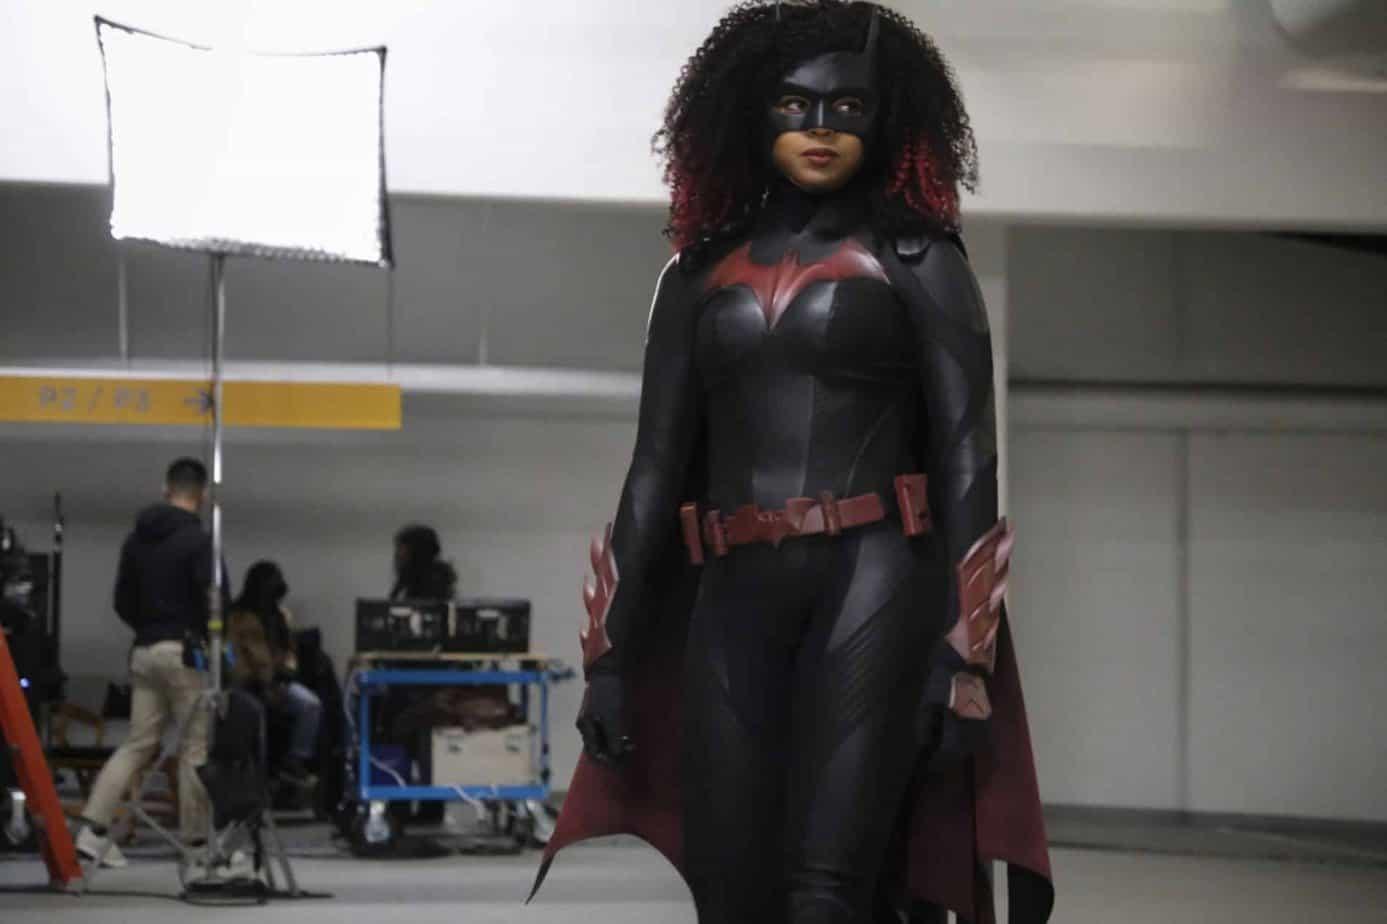 Batwoman Saison 3 : Date de sortie, acteurs, intrigue et tous les détails ici !! 34